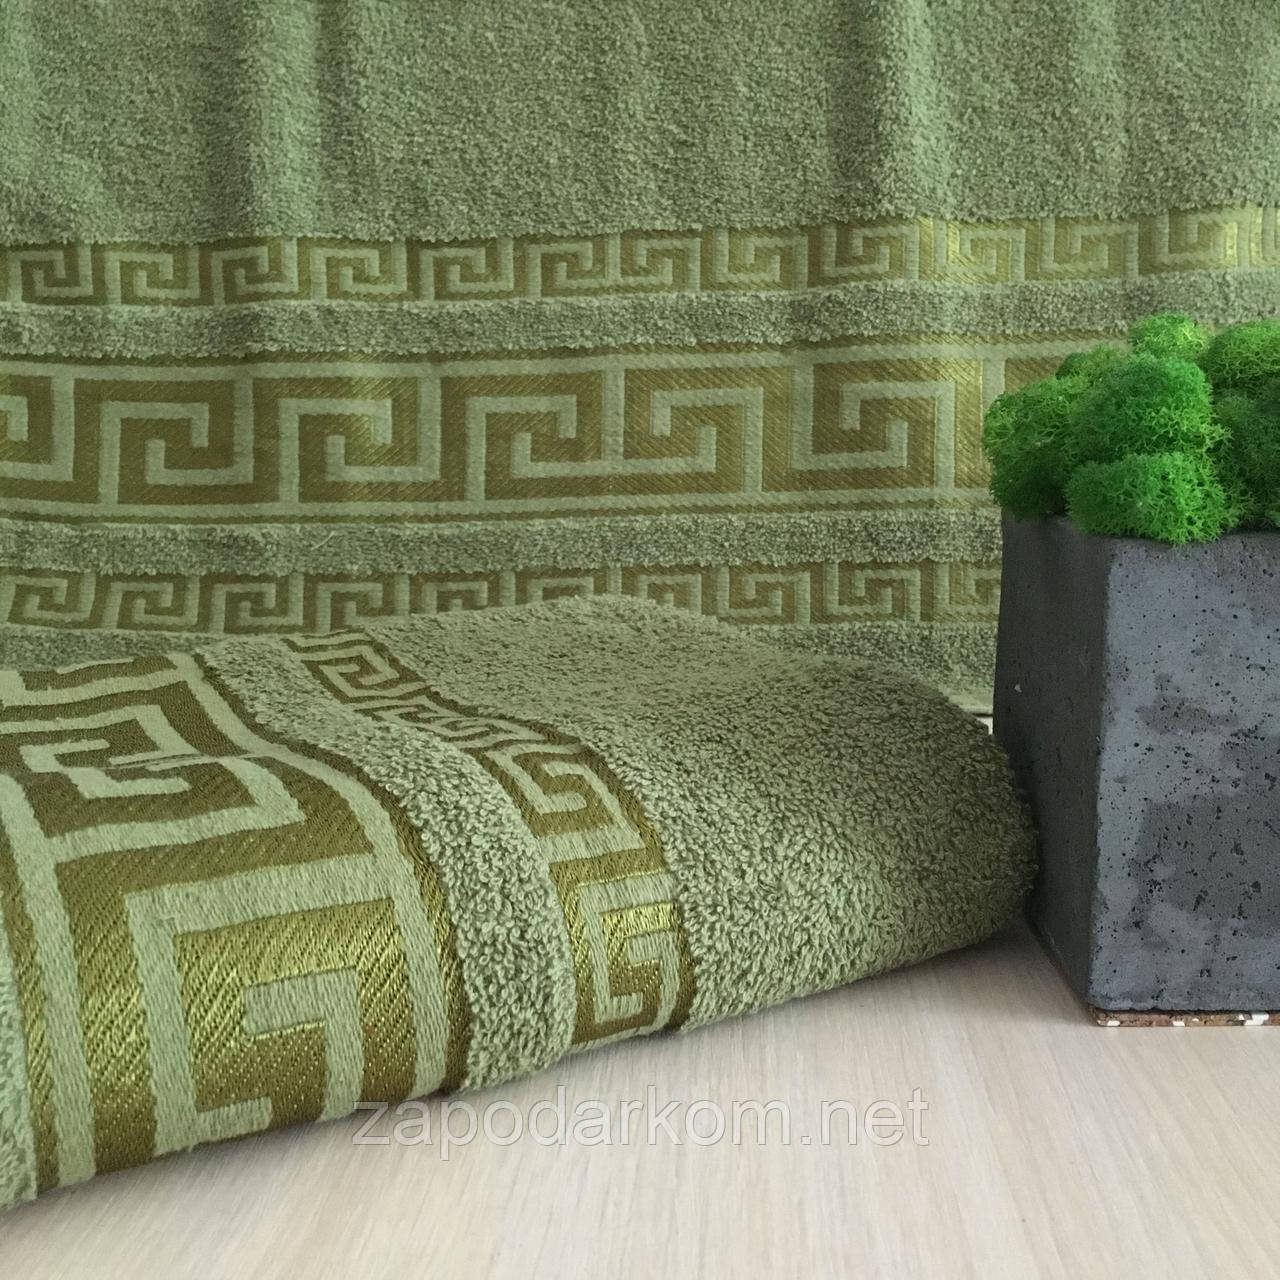 Полотенце банное Греция 140х70см (430г/м2) зеленое